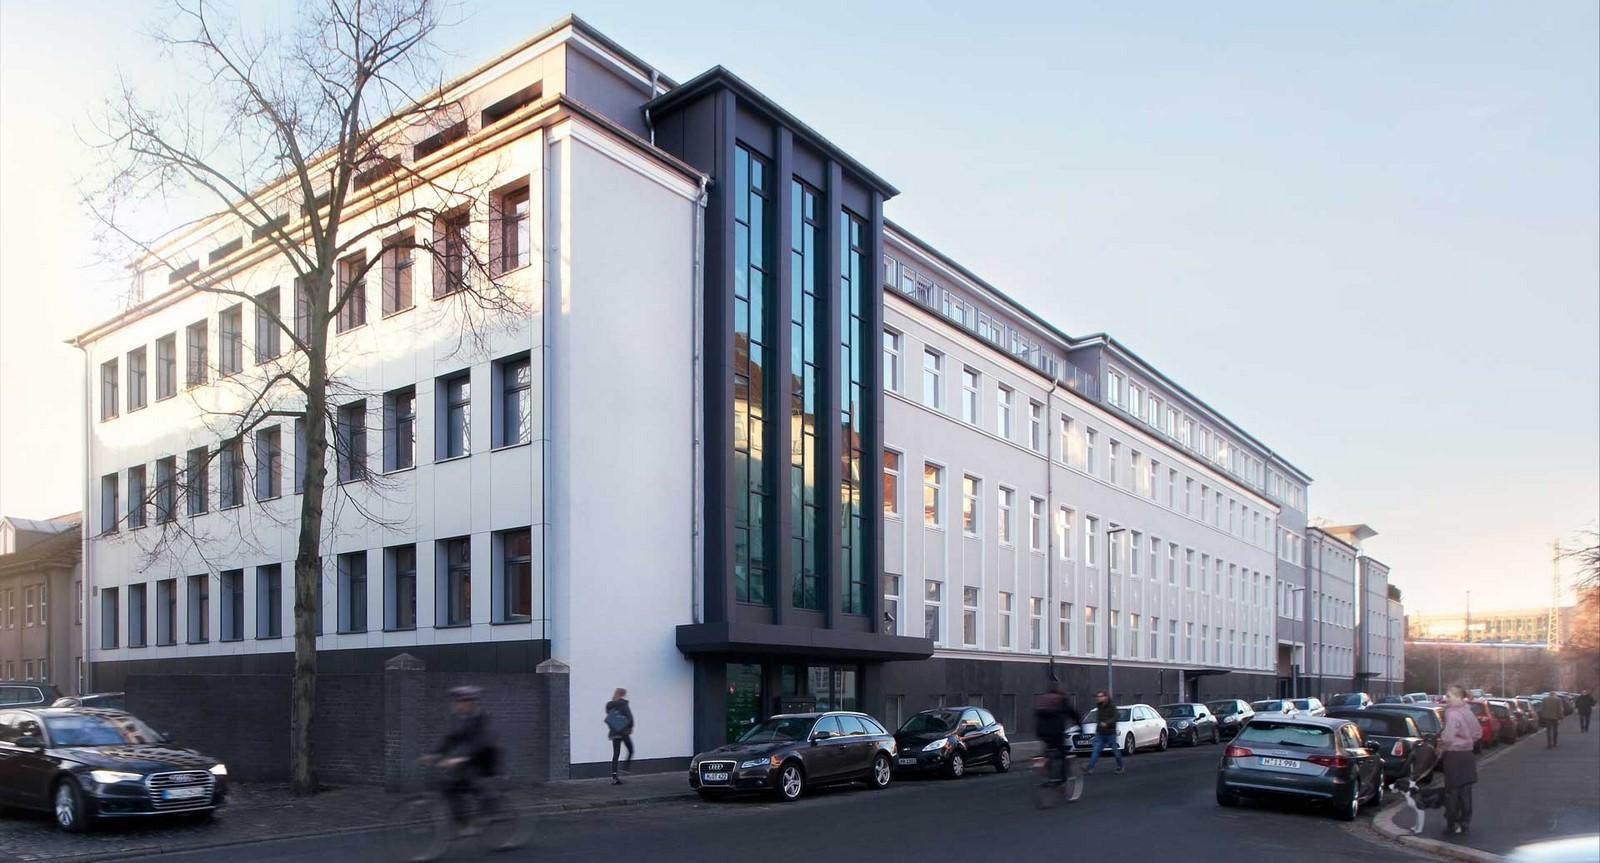 Architects in Hannover - Top 60 Architects in Hannover - Sheet52